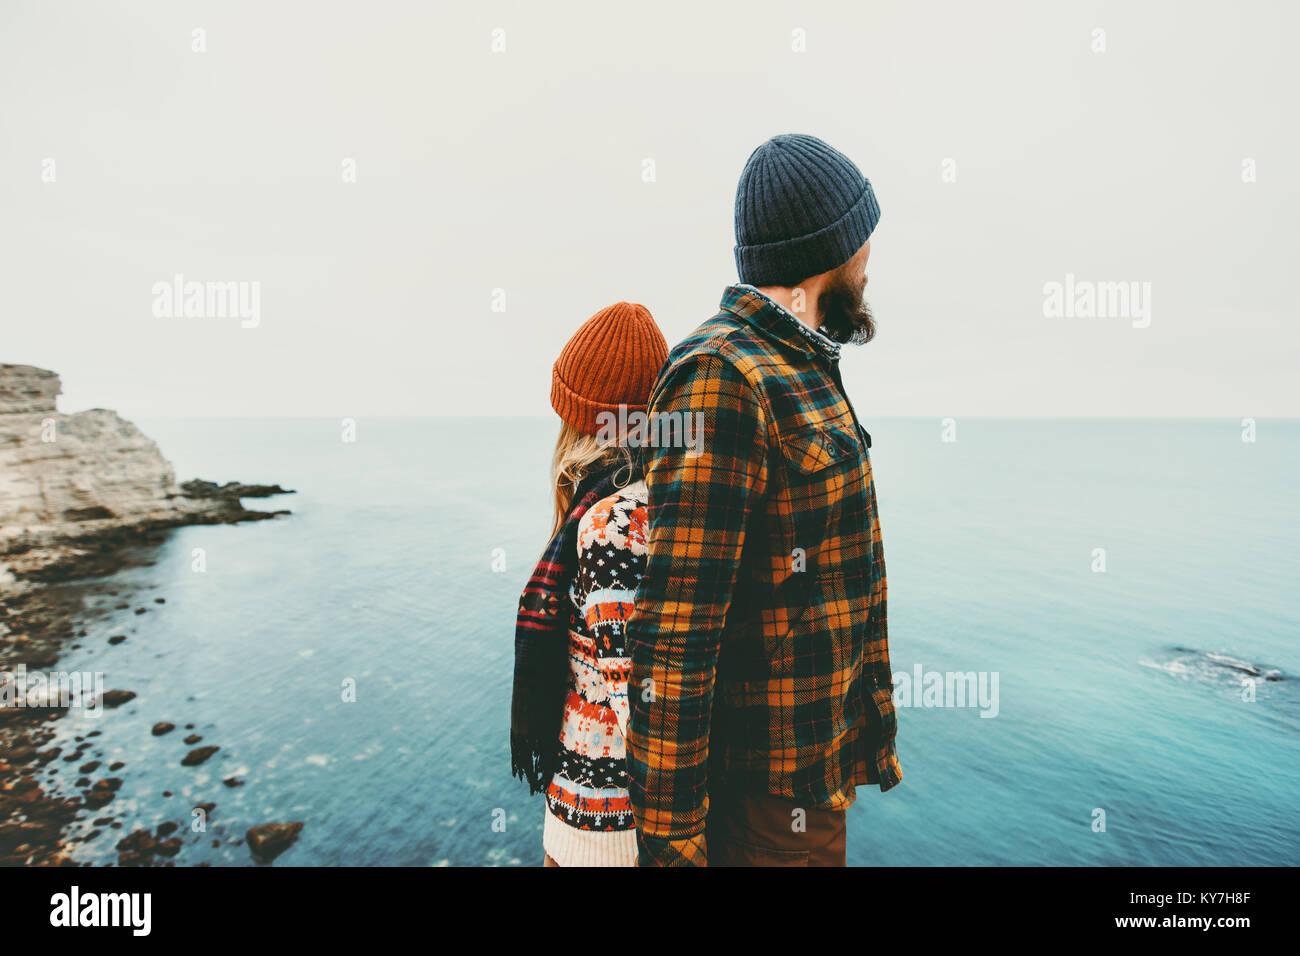 Los amantes de la pareja de hombre y mujer de pie espalda juntos el amor y emociones felices viajes concepto de Imagen De Stock